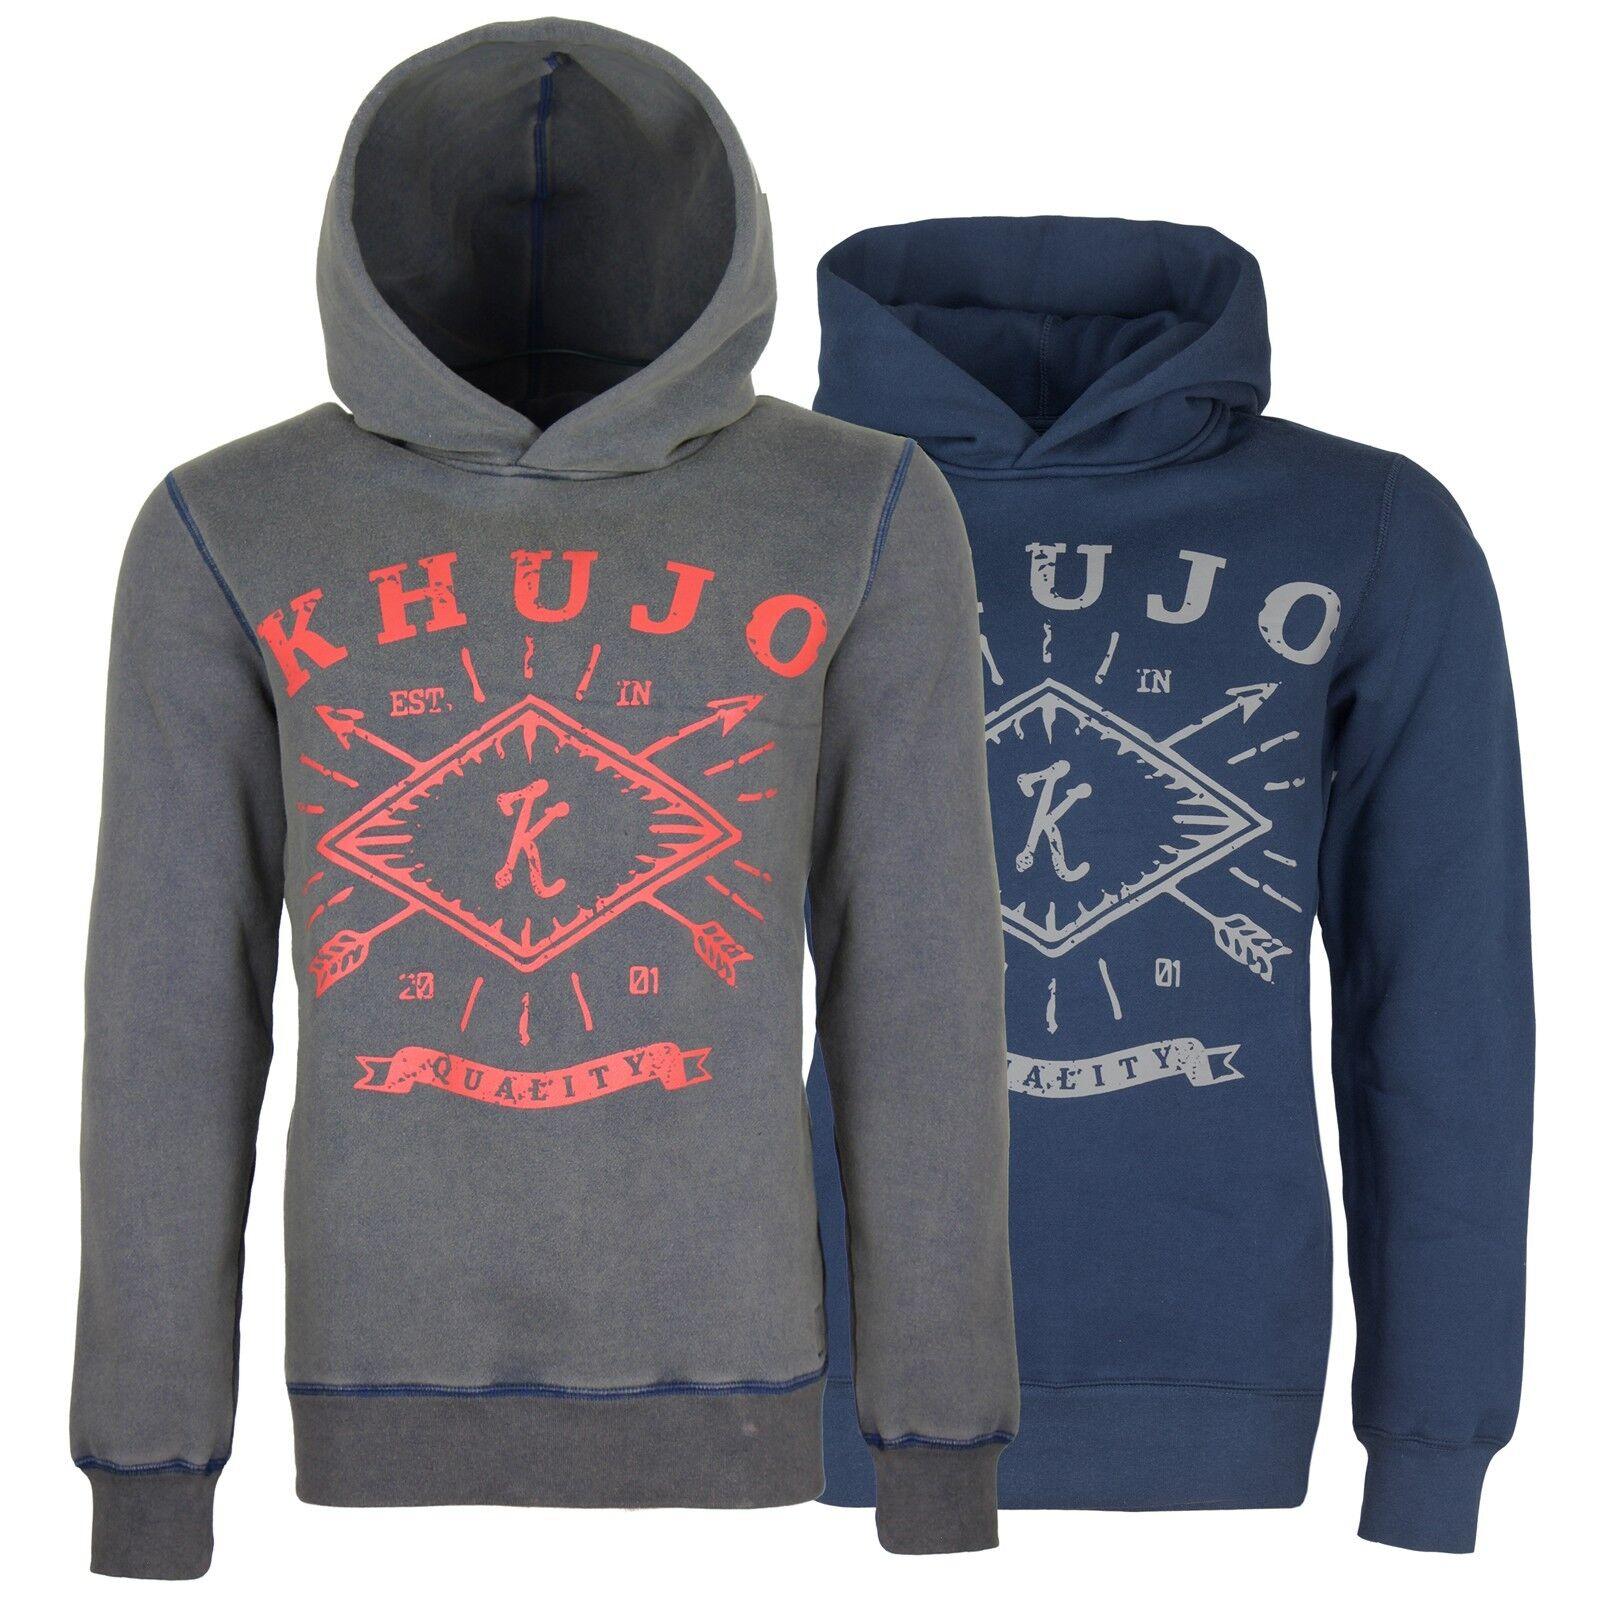 Khujo Herren Pullover Kapuzenpullover Kapuze Herrenpullover Hoody Sweatshirt